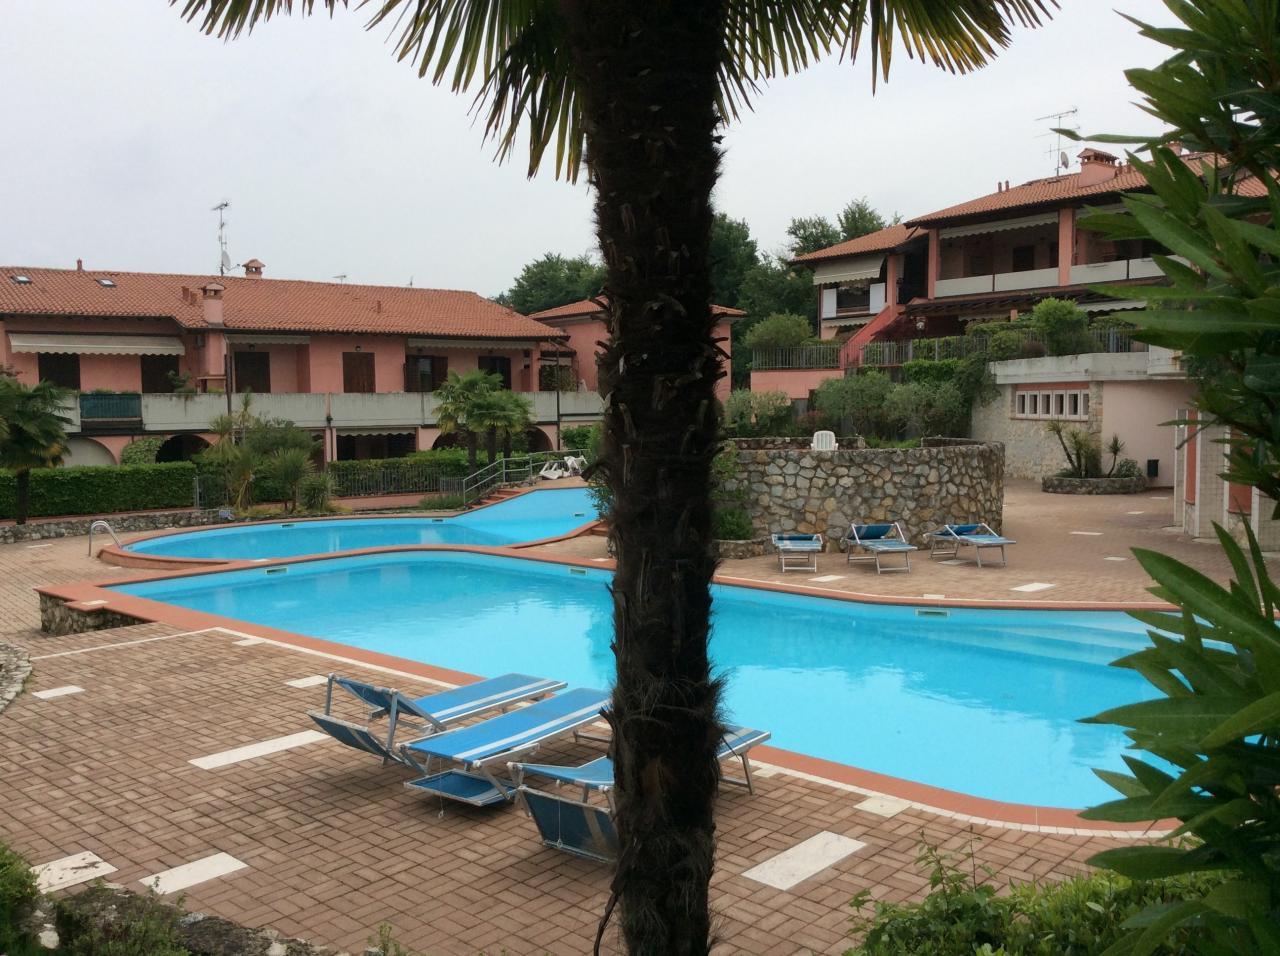 Appartamento in vendita a Manerba del Garda, 5 locali, zona Zona: Pieve, prezzo € 350.000 | CambioCasa.it